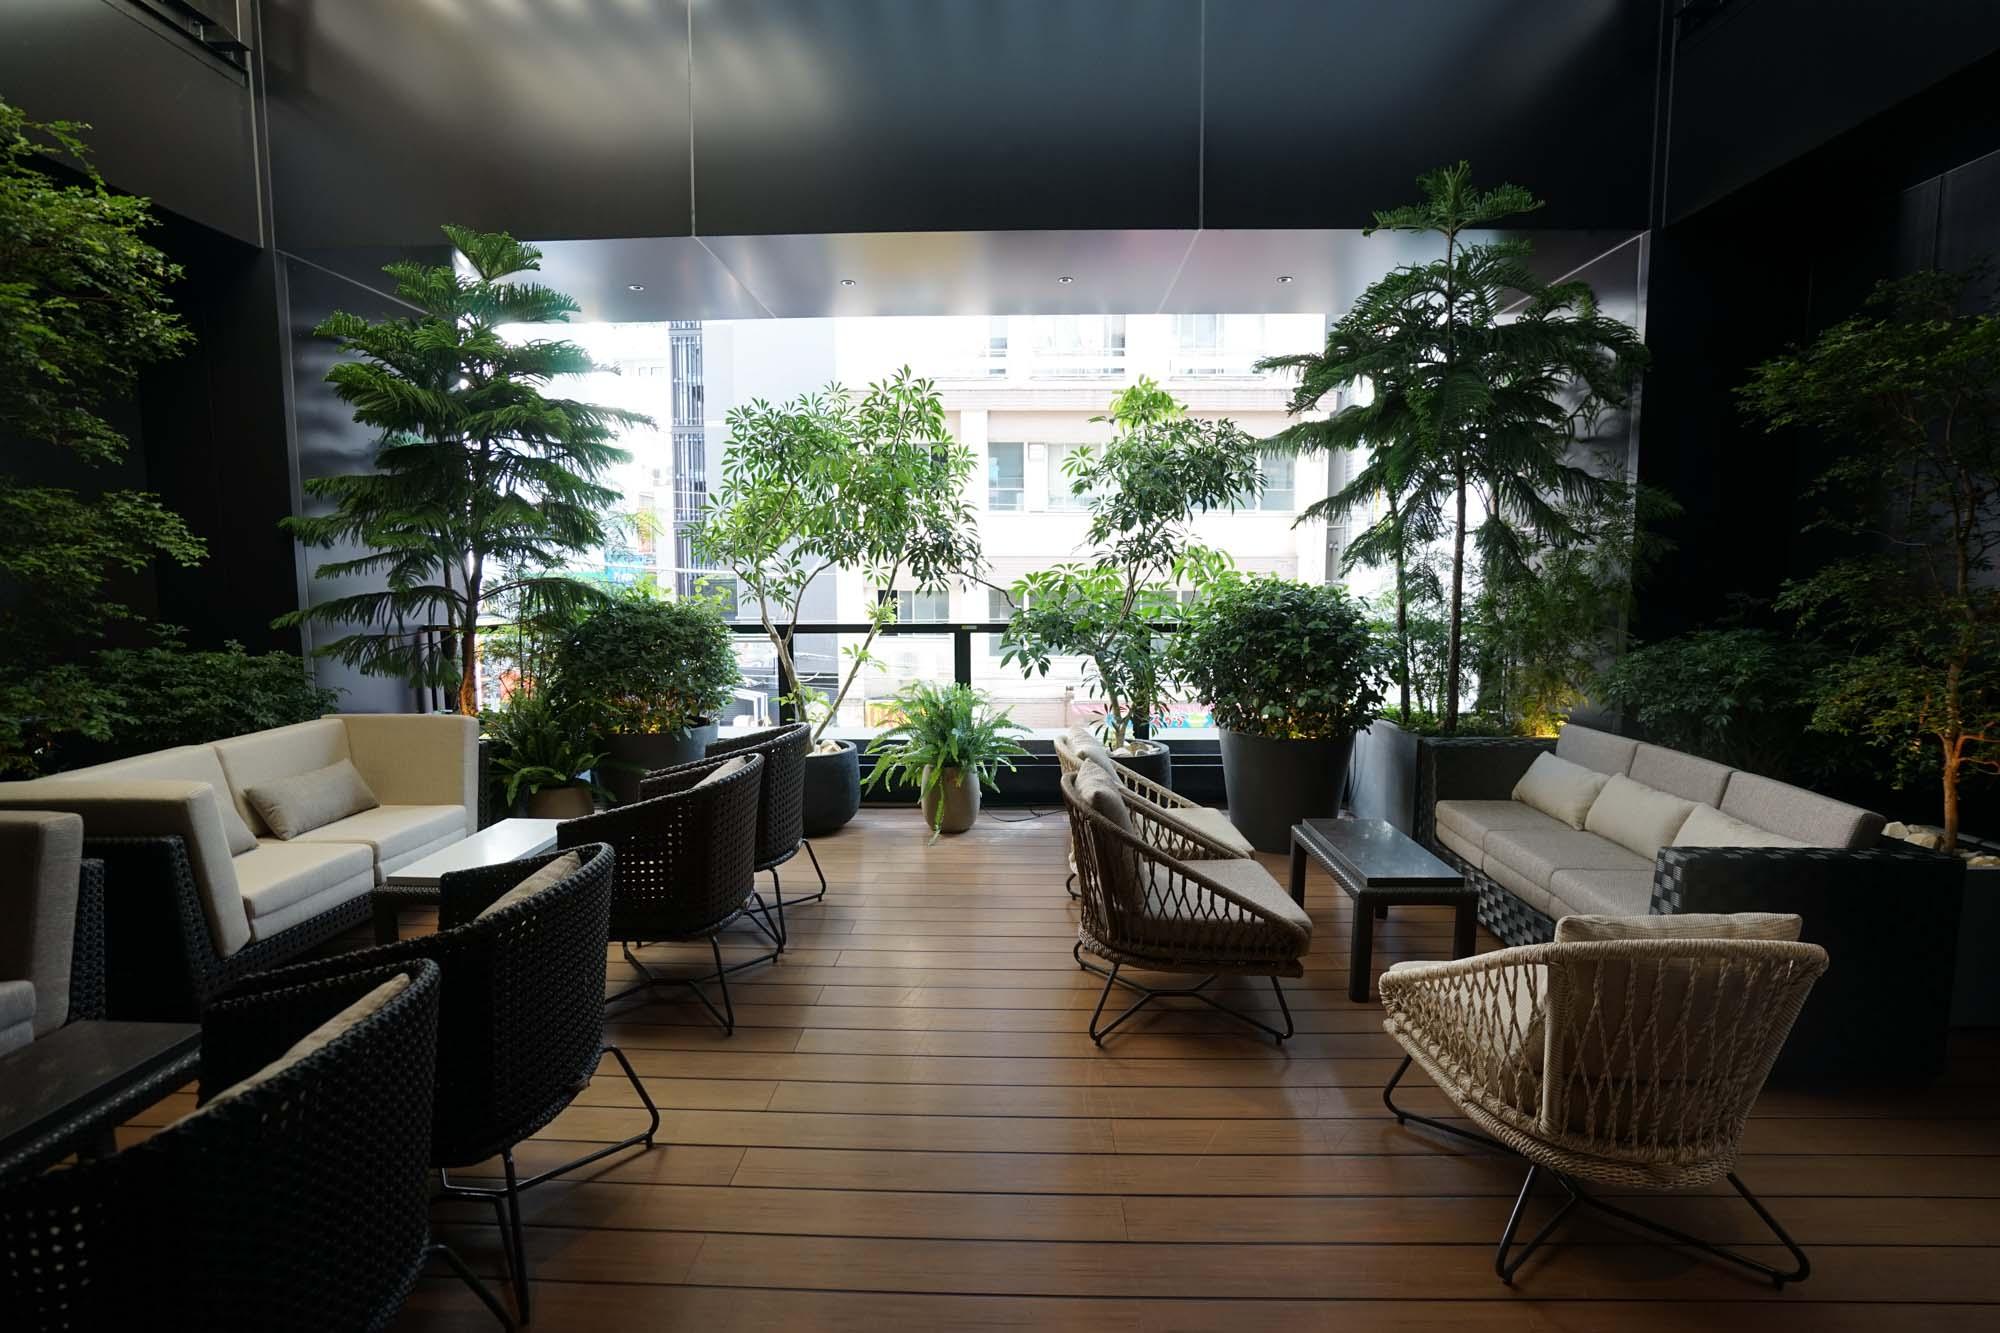 都会の真ん中でありながら緑が多く、快適でくつろげる空間になっていますね。